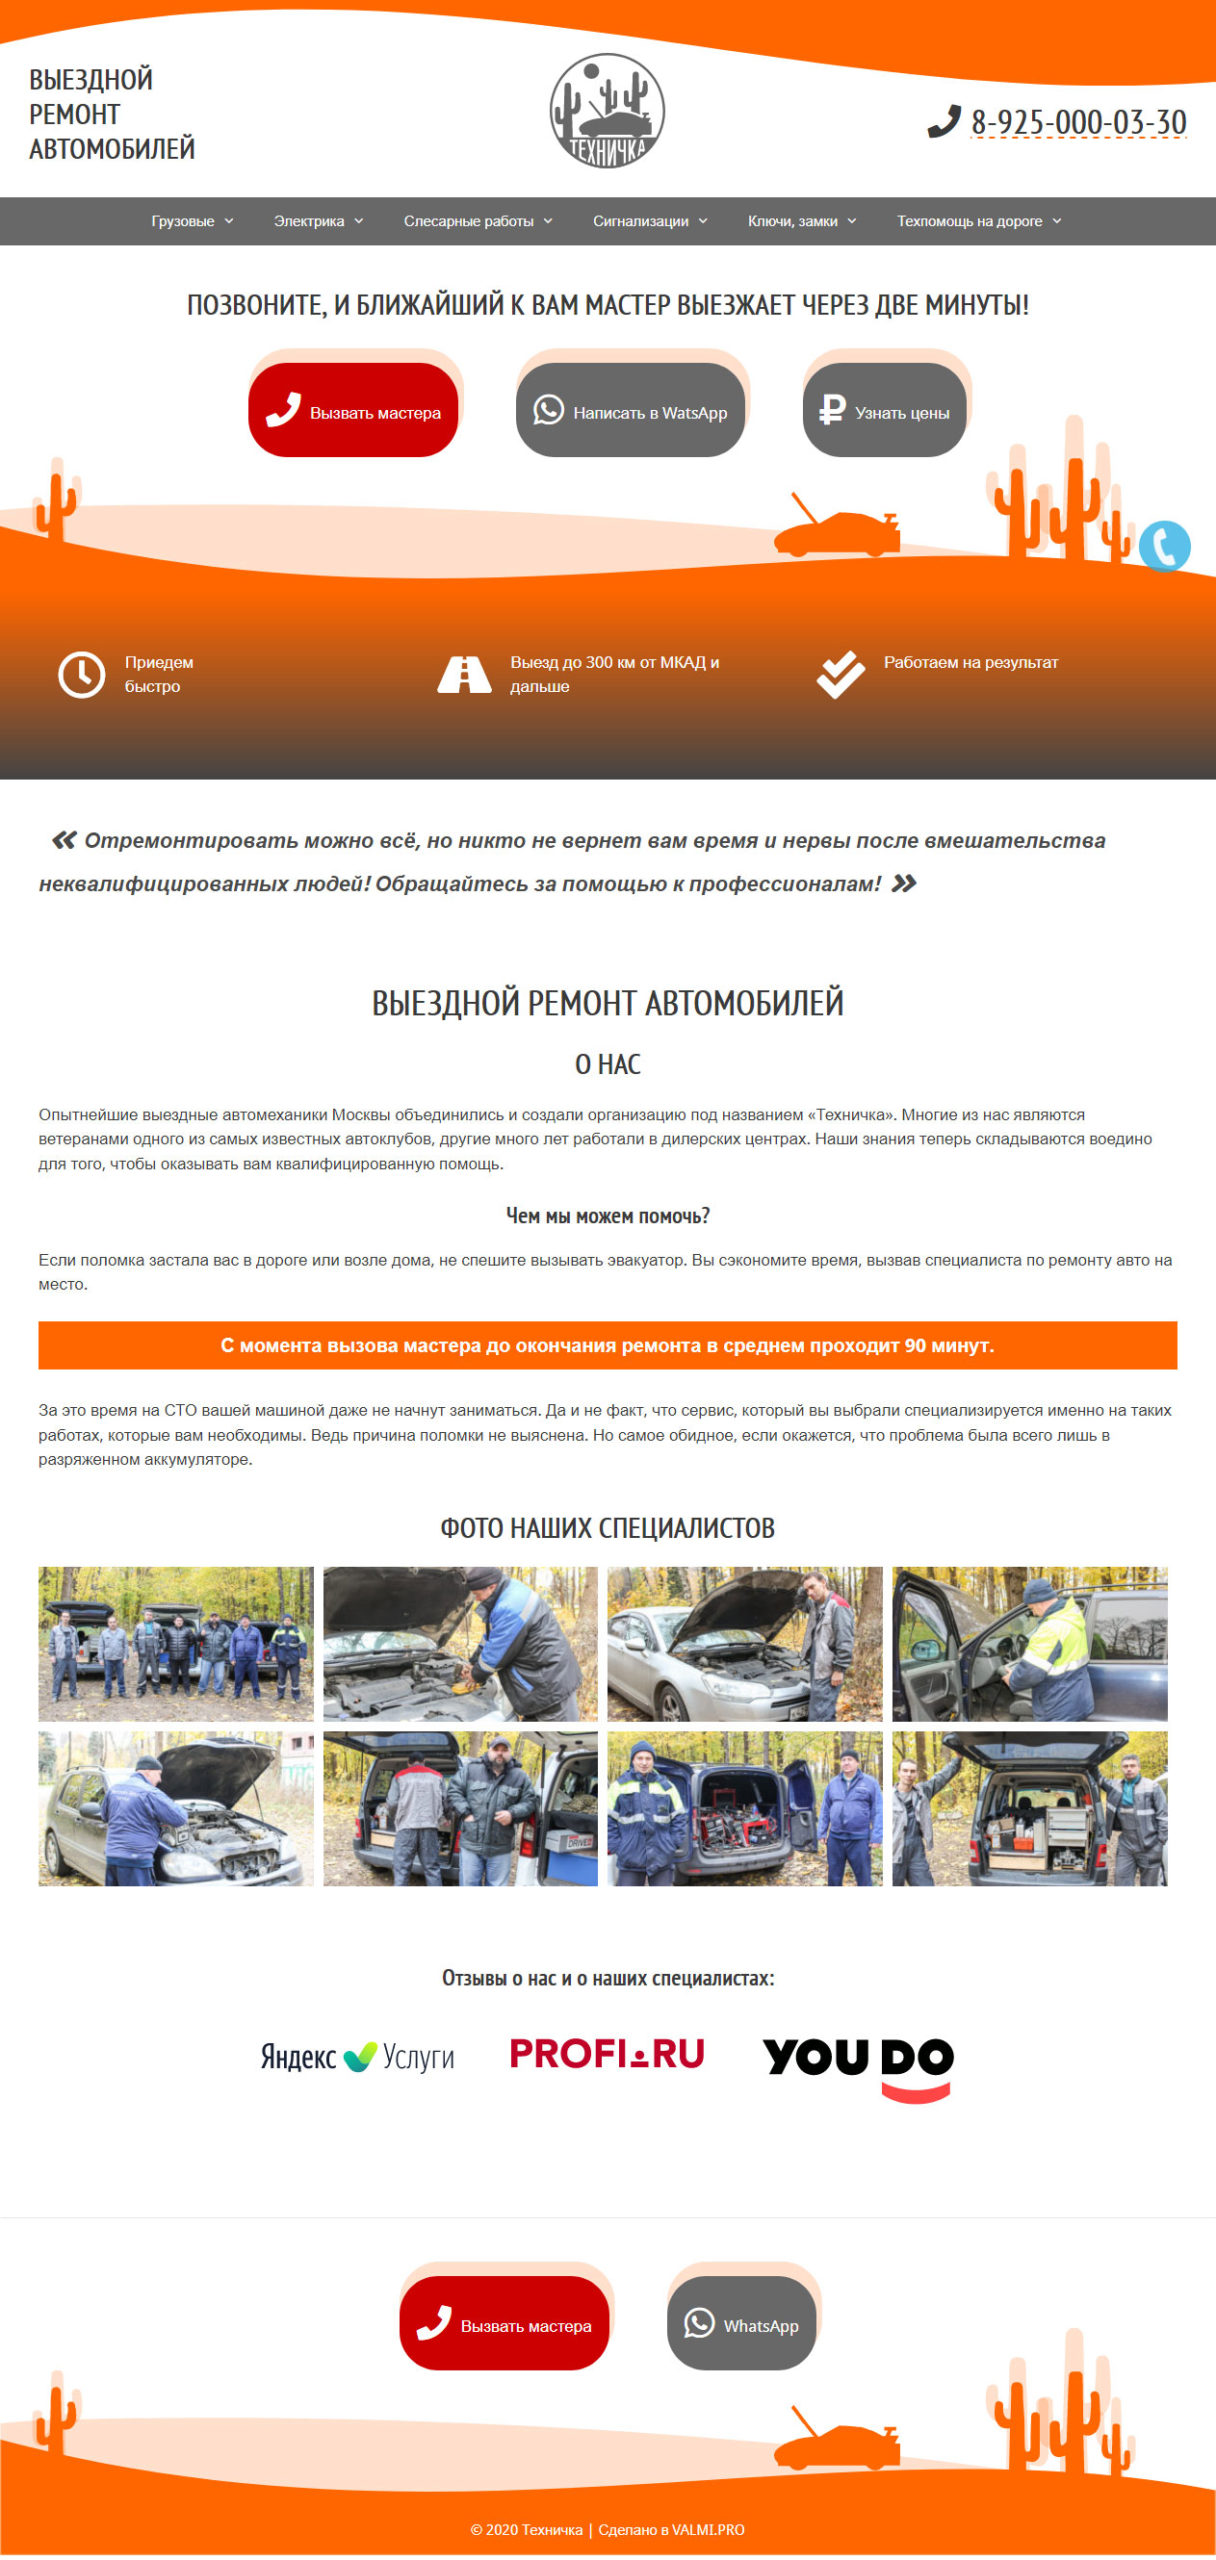 Дизайн, разработка с нуля и SEO-оптимизация сайта Техничка